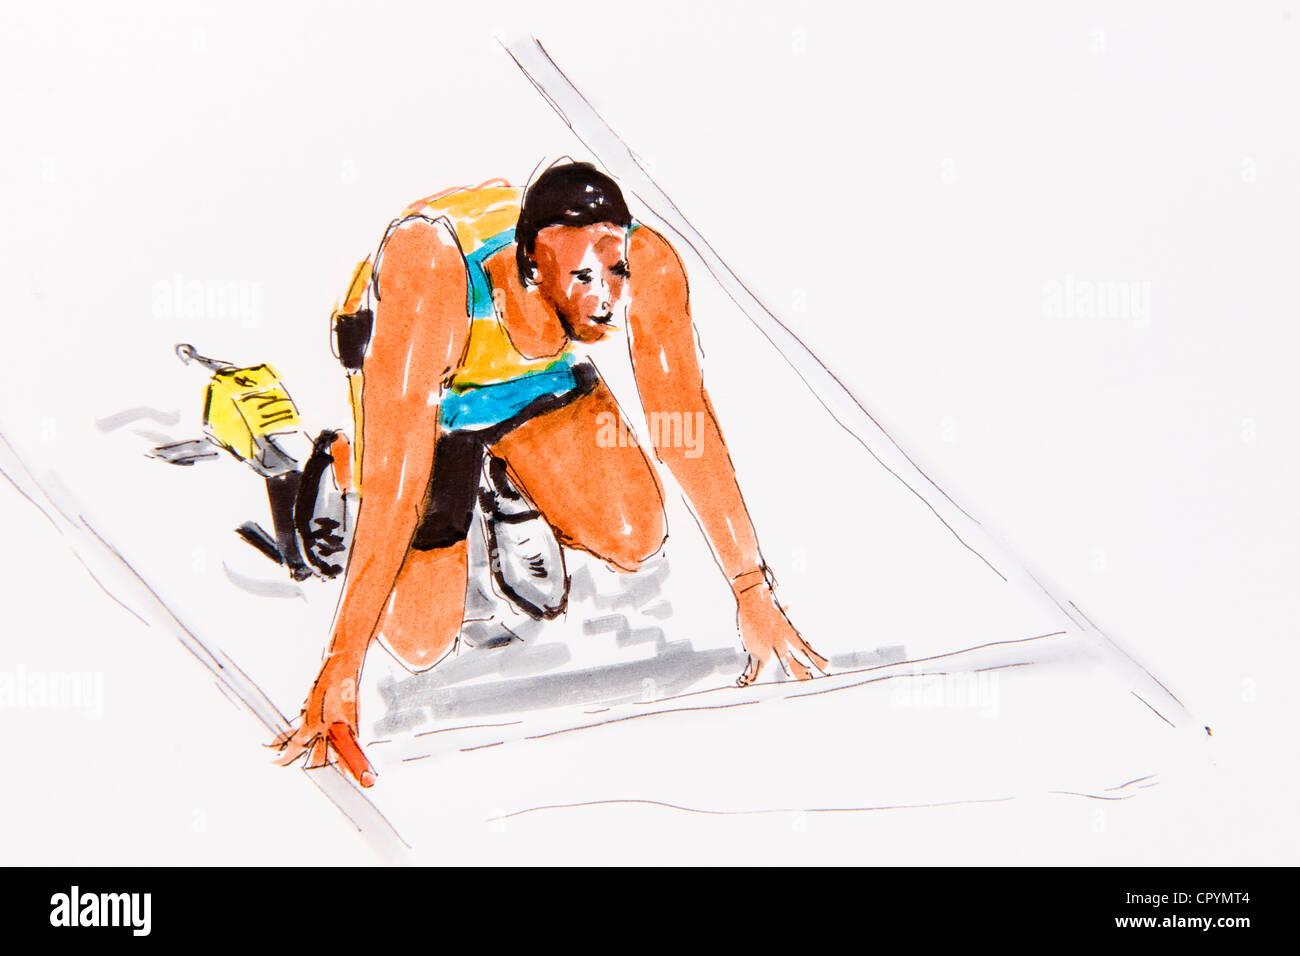 Start eines Läufers, Leichtathletik, Zeichnung des Künstlers Gerhard Kraus, Kriftel, Abbildung Stockfoto